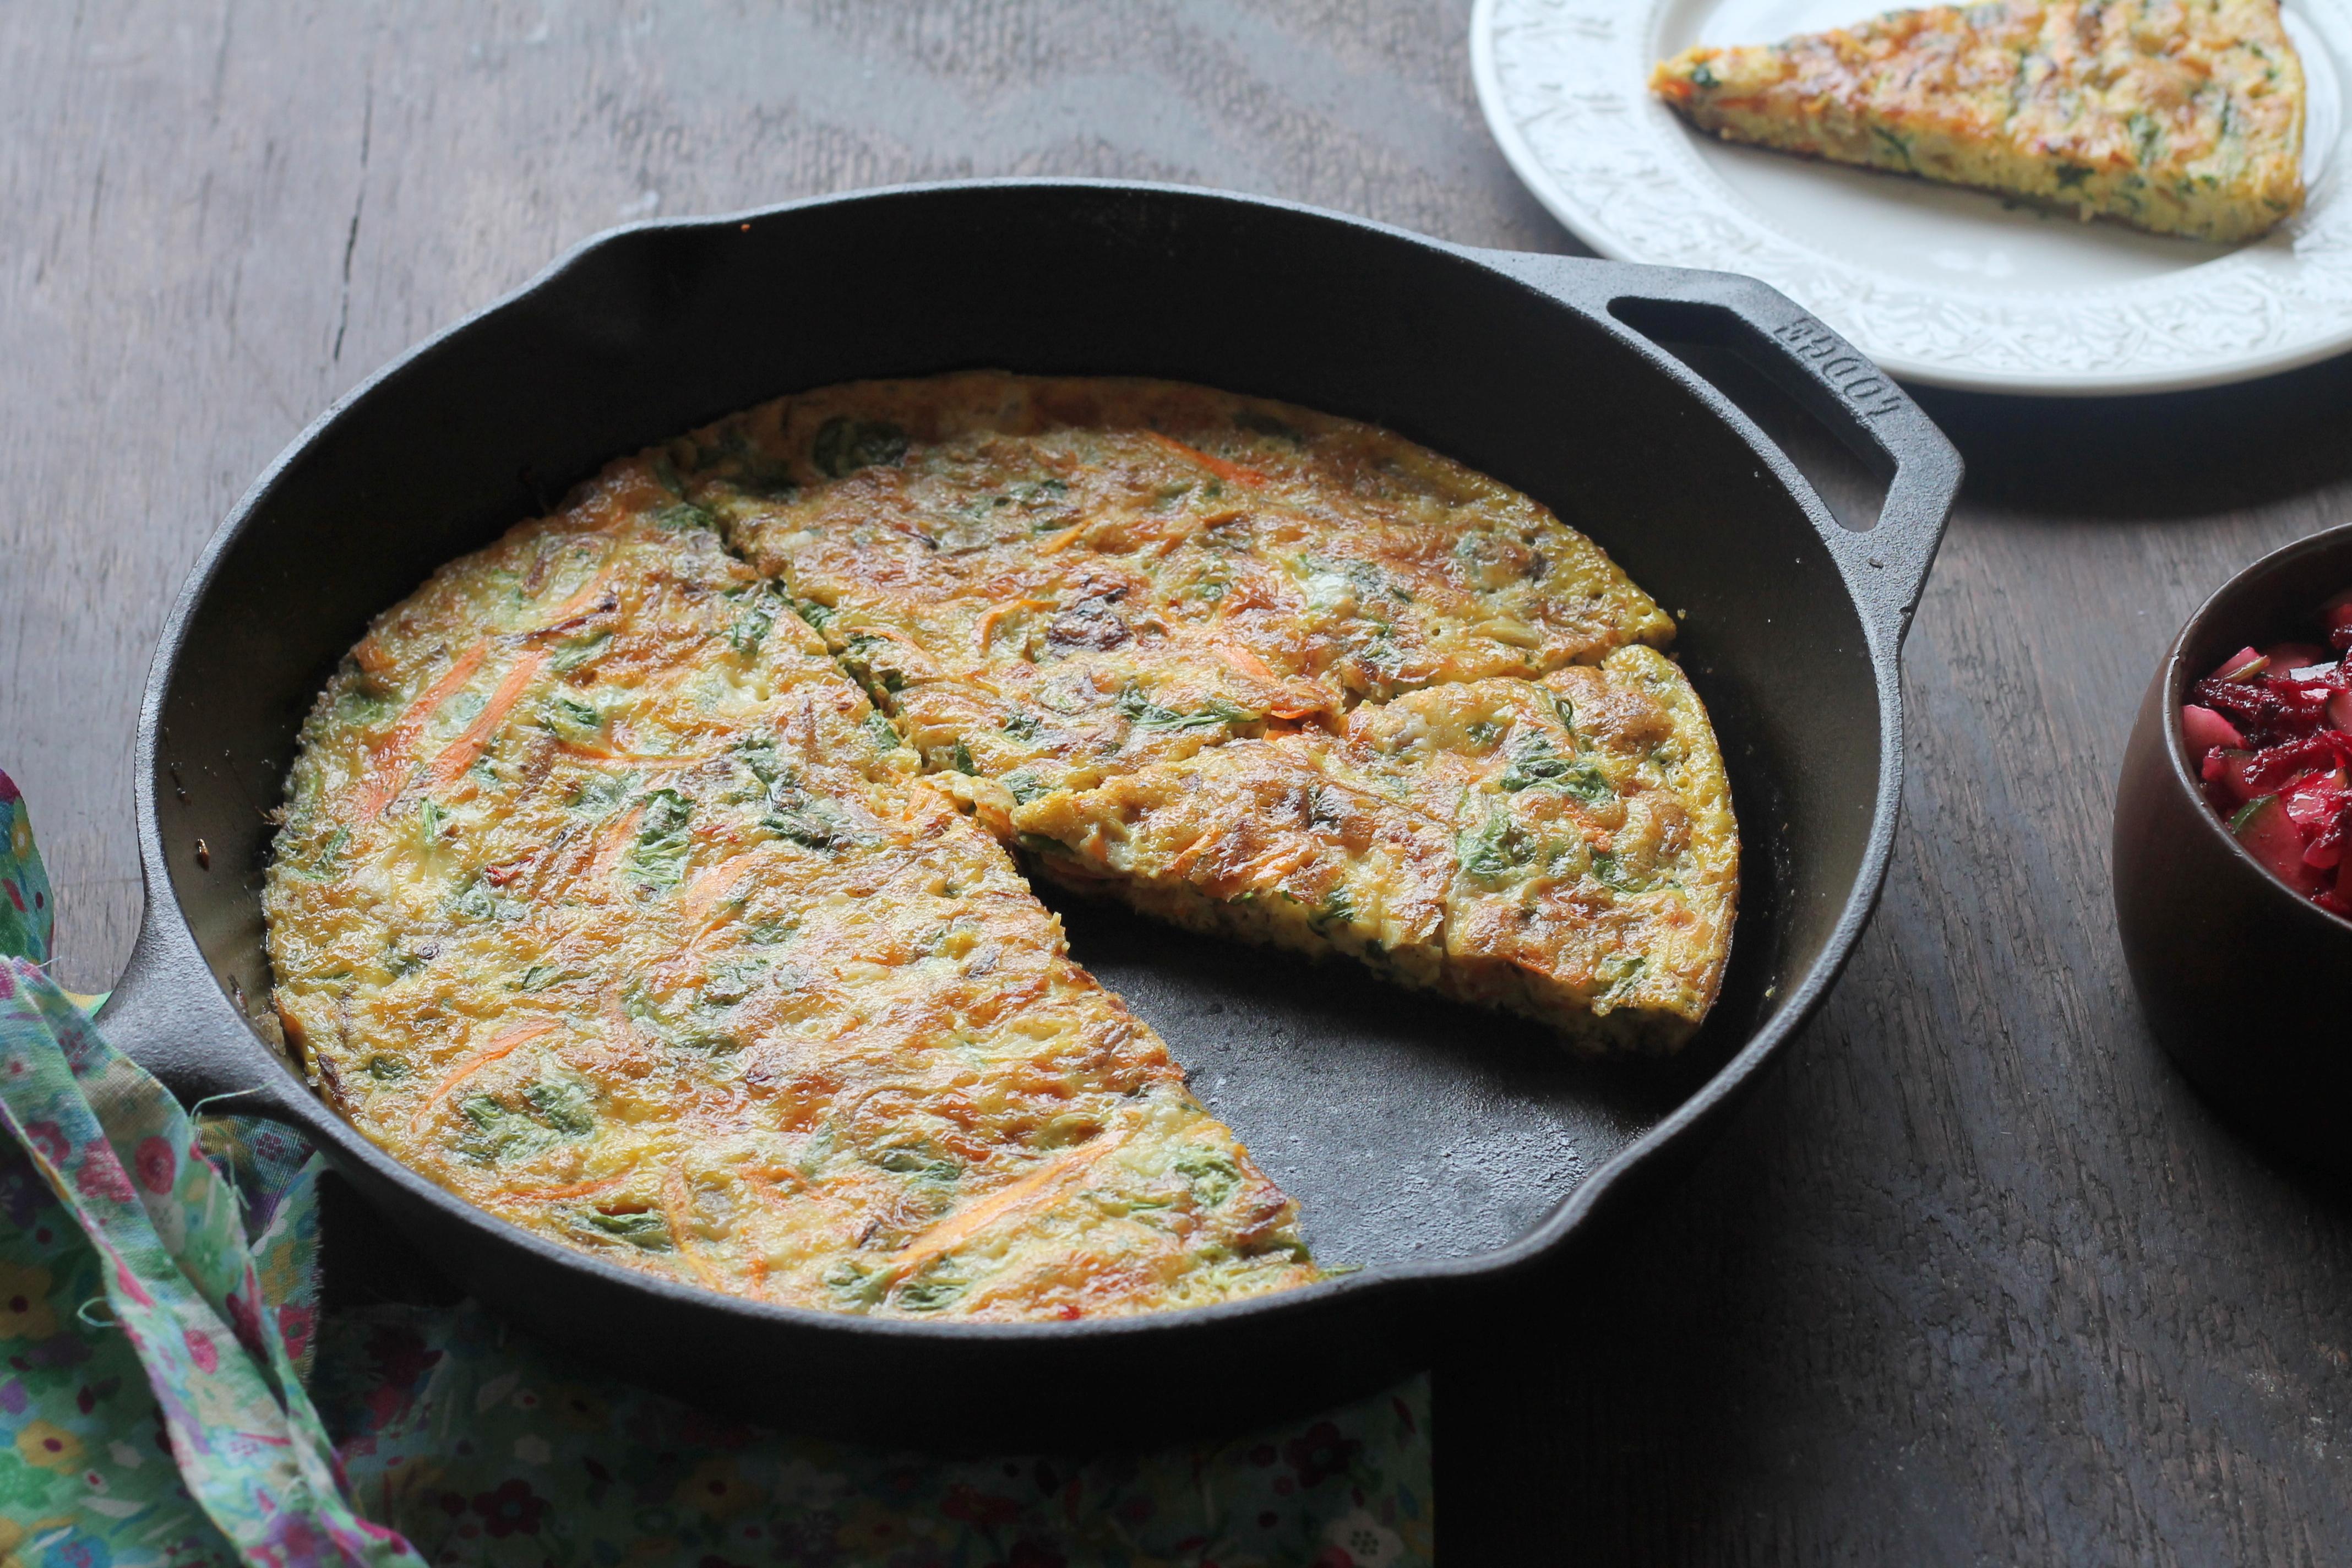 Kale Leek and Cheese Frittata